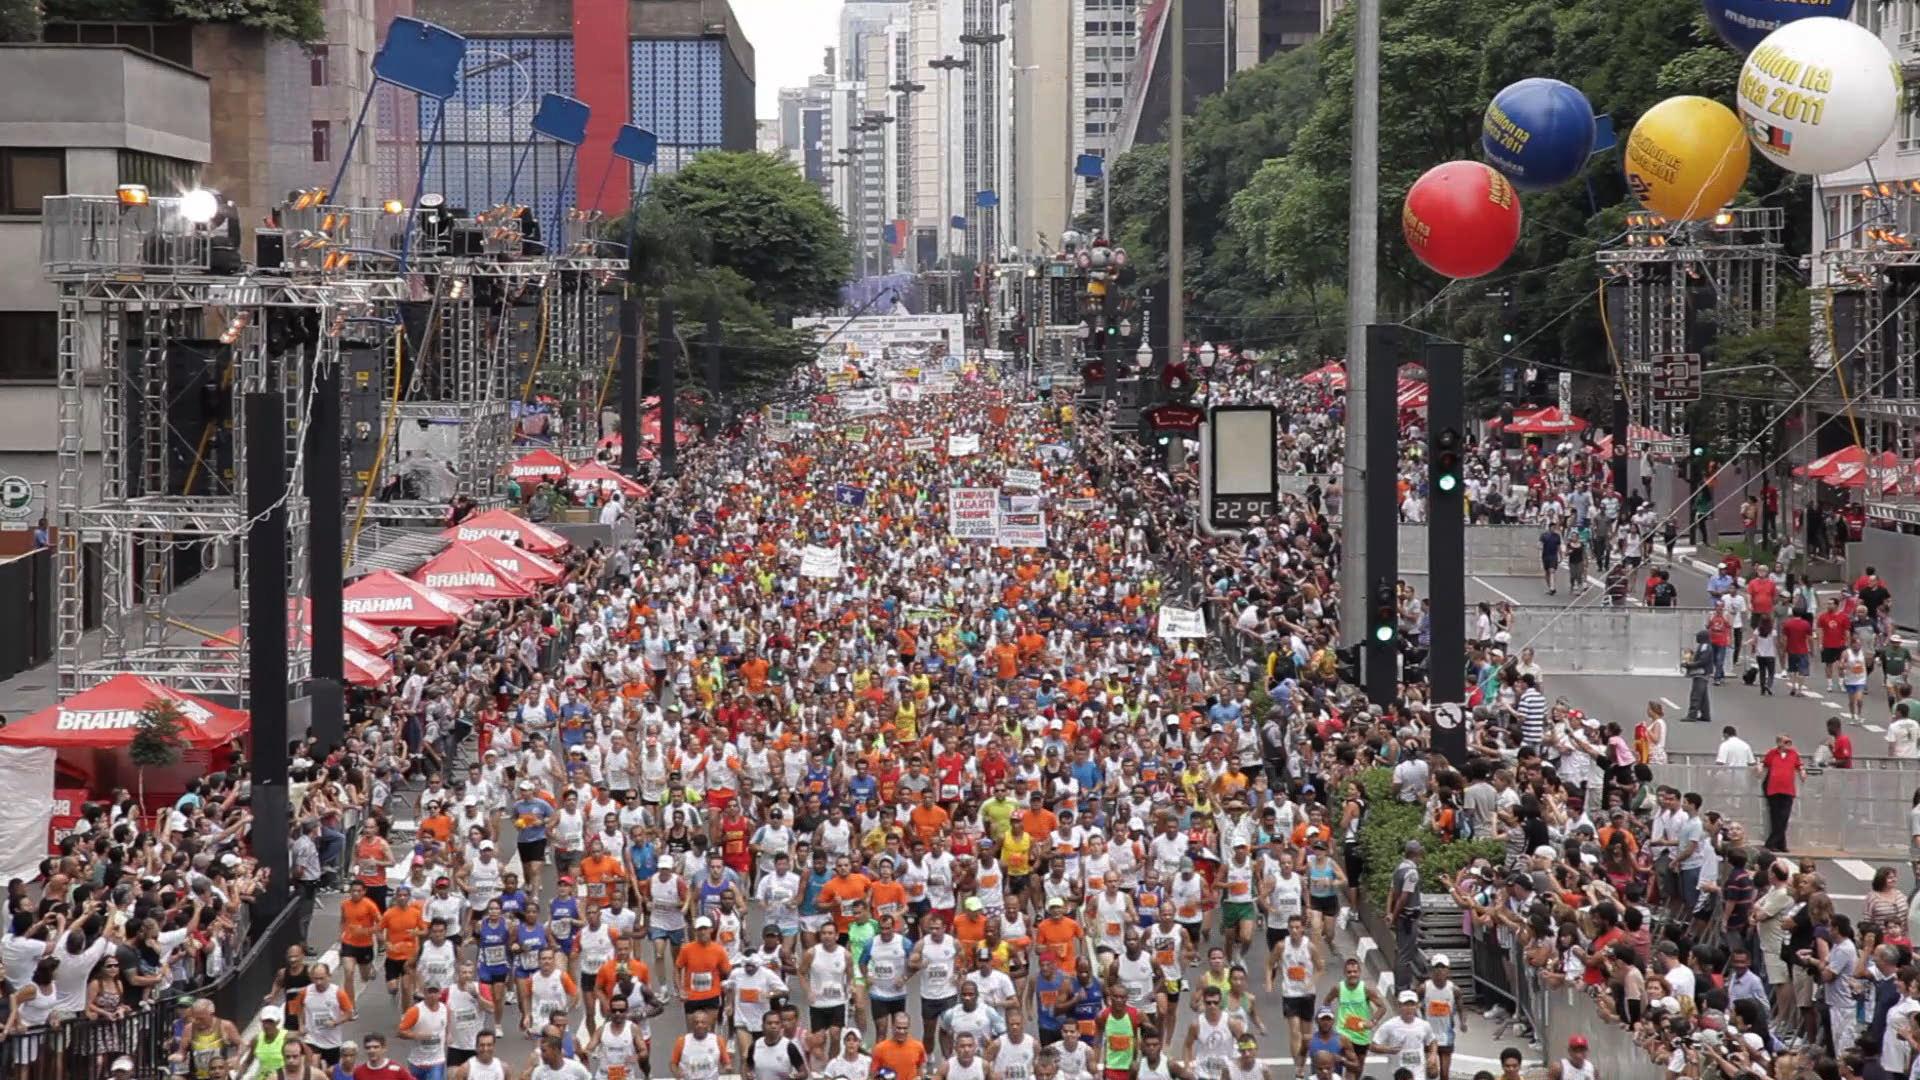 Sao Silvestre mar de gente na Paulista.jpg